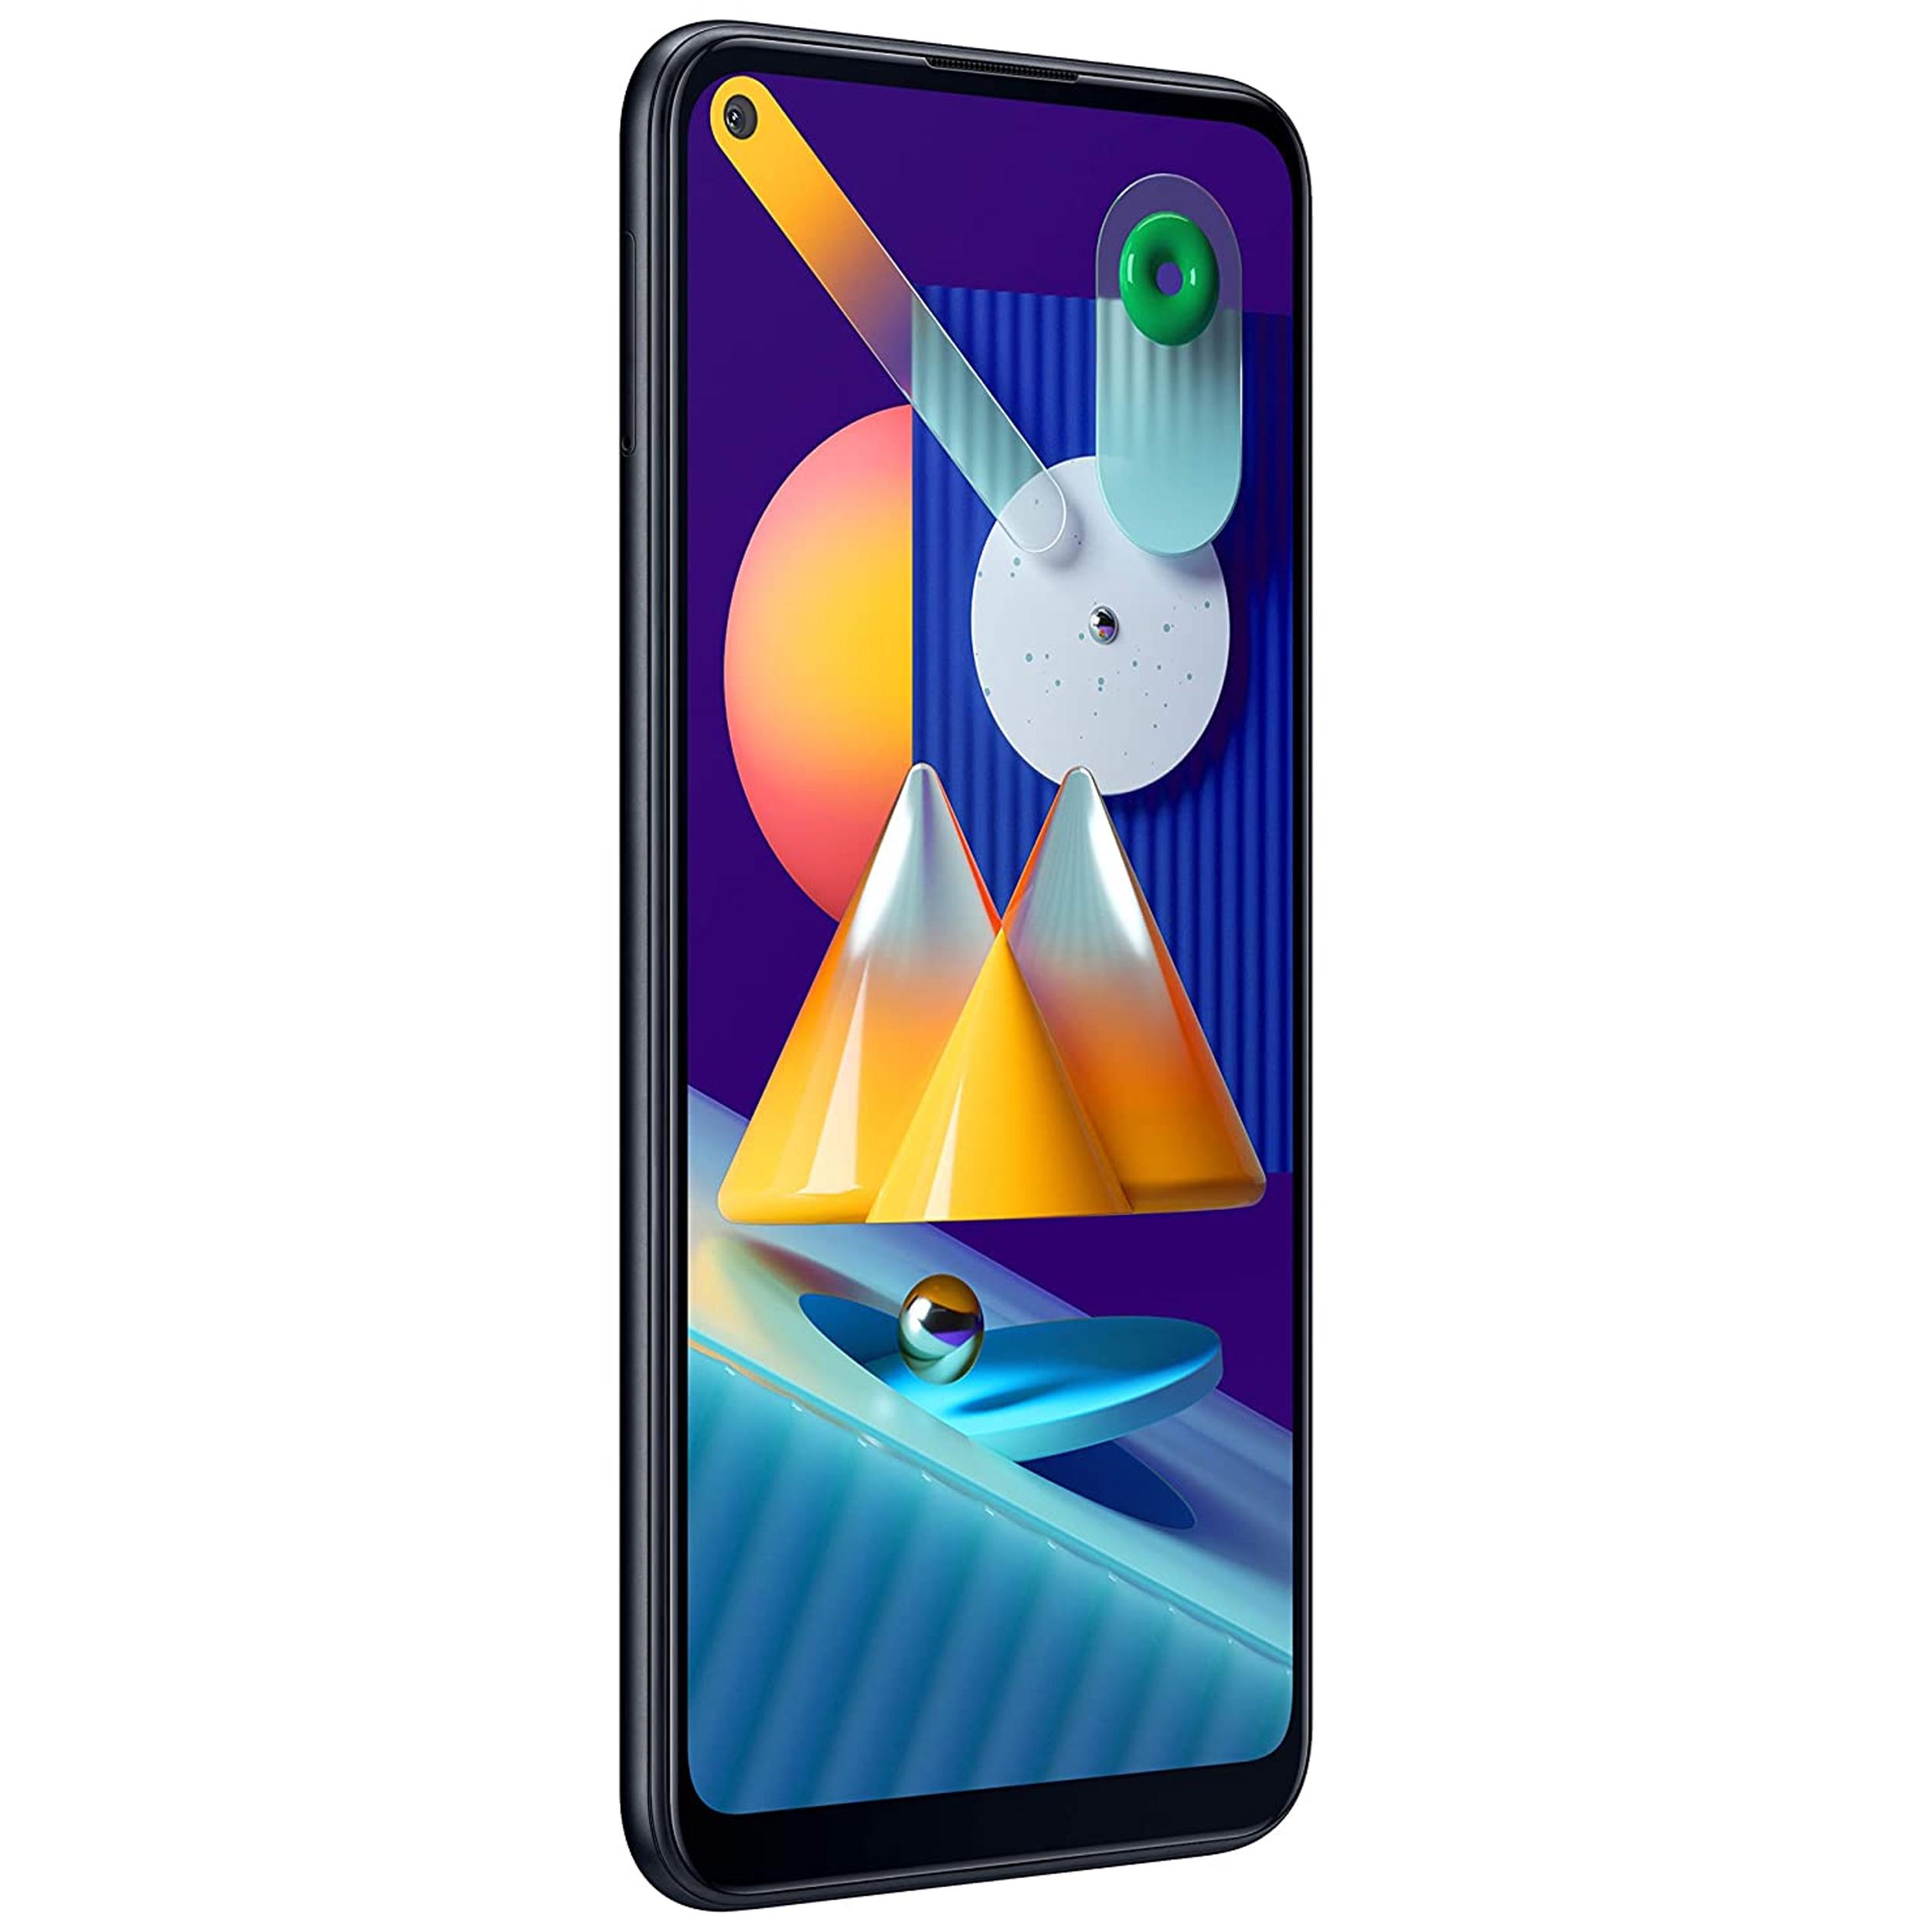 گوشی موبایل سامسونگ مدل  Galaxy M11 SM-M115F/DS دو سیم کارت ظرفیت 32 گیگابایت main 1 2